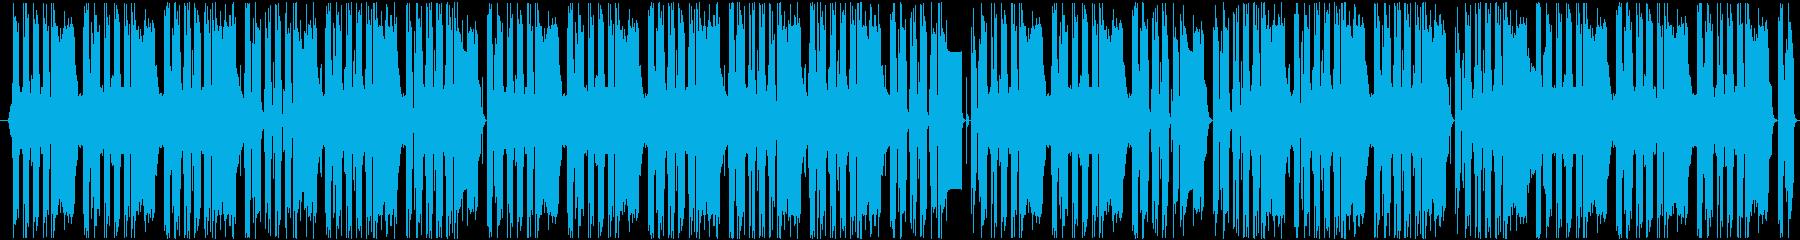 切なさあふれるミュージックの再生済みの波形